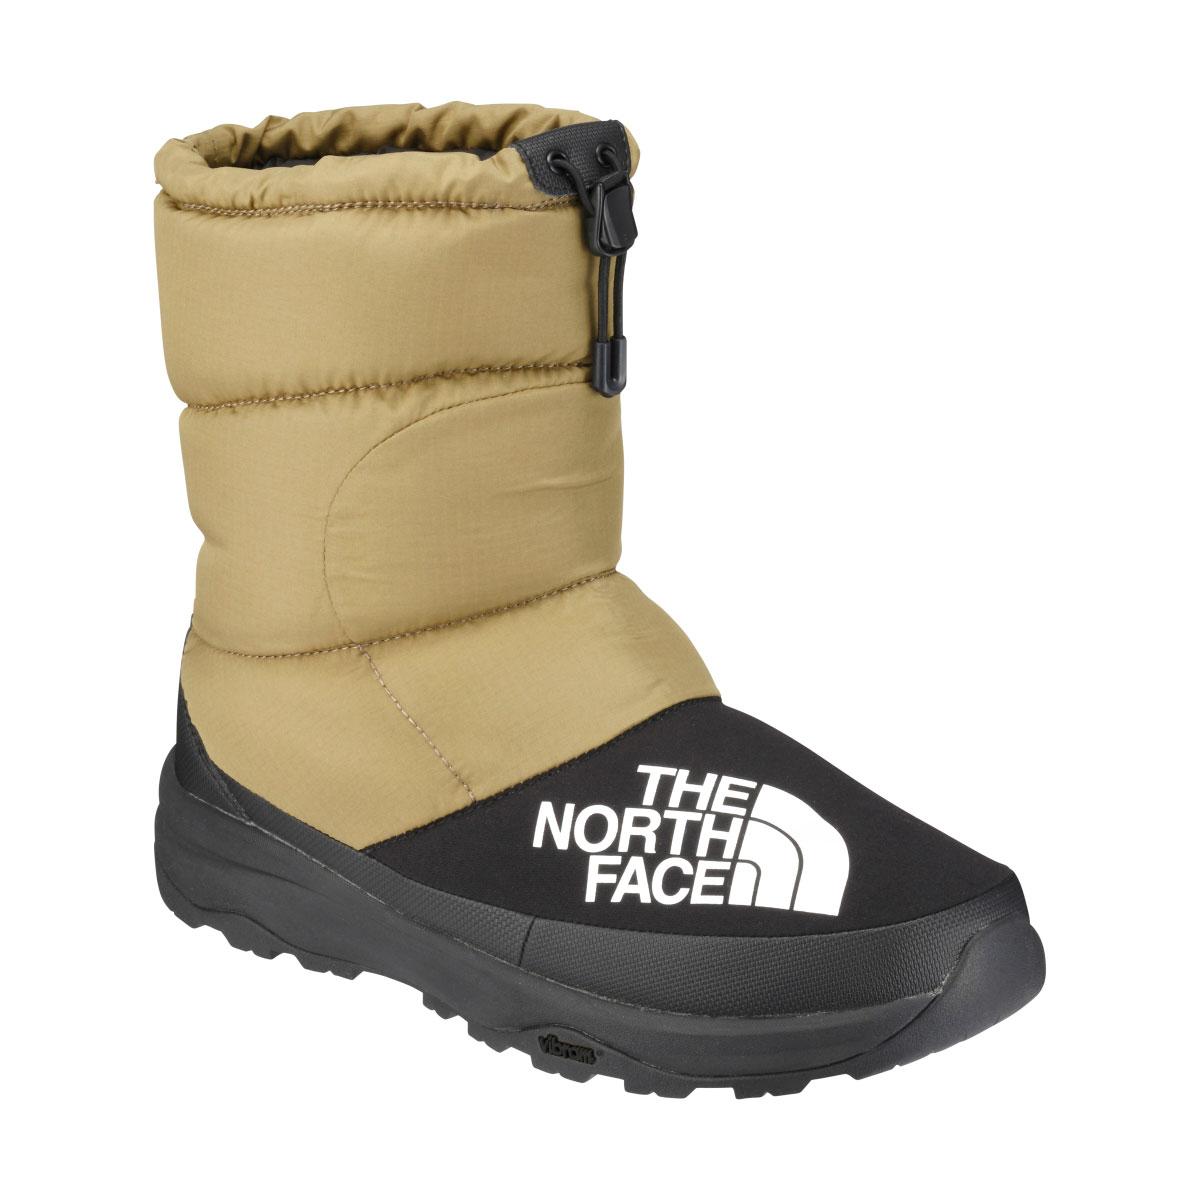 THE NORTH FACE NUPTSE DOWN BOOTIE(ザ・ノース・フェイス ヌプシ ダウン ブーティー)KH/フィアグリーン x ブラック【メンズ レディース ブーツ】18FW-I